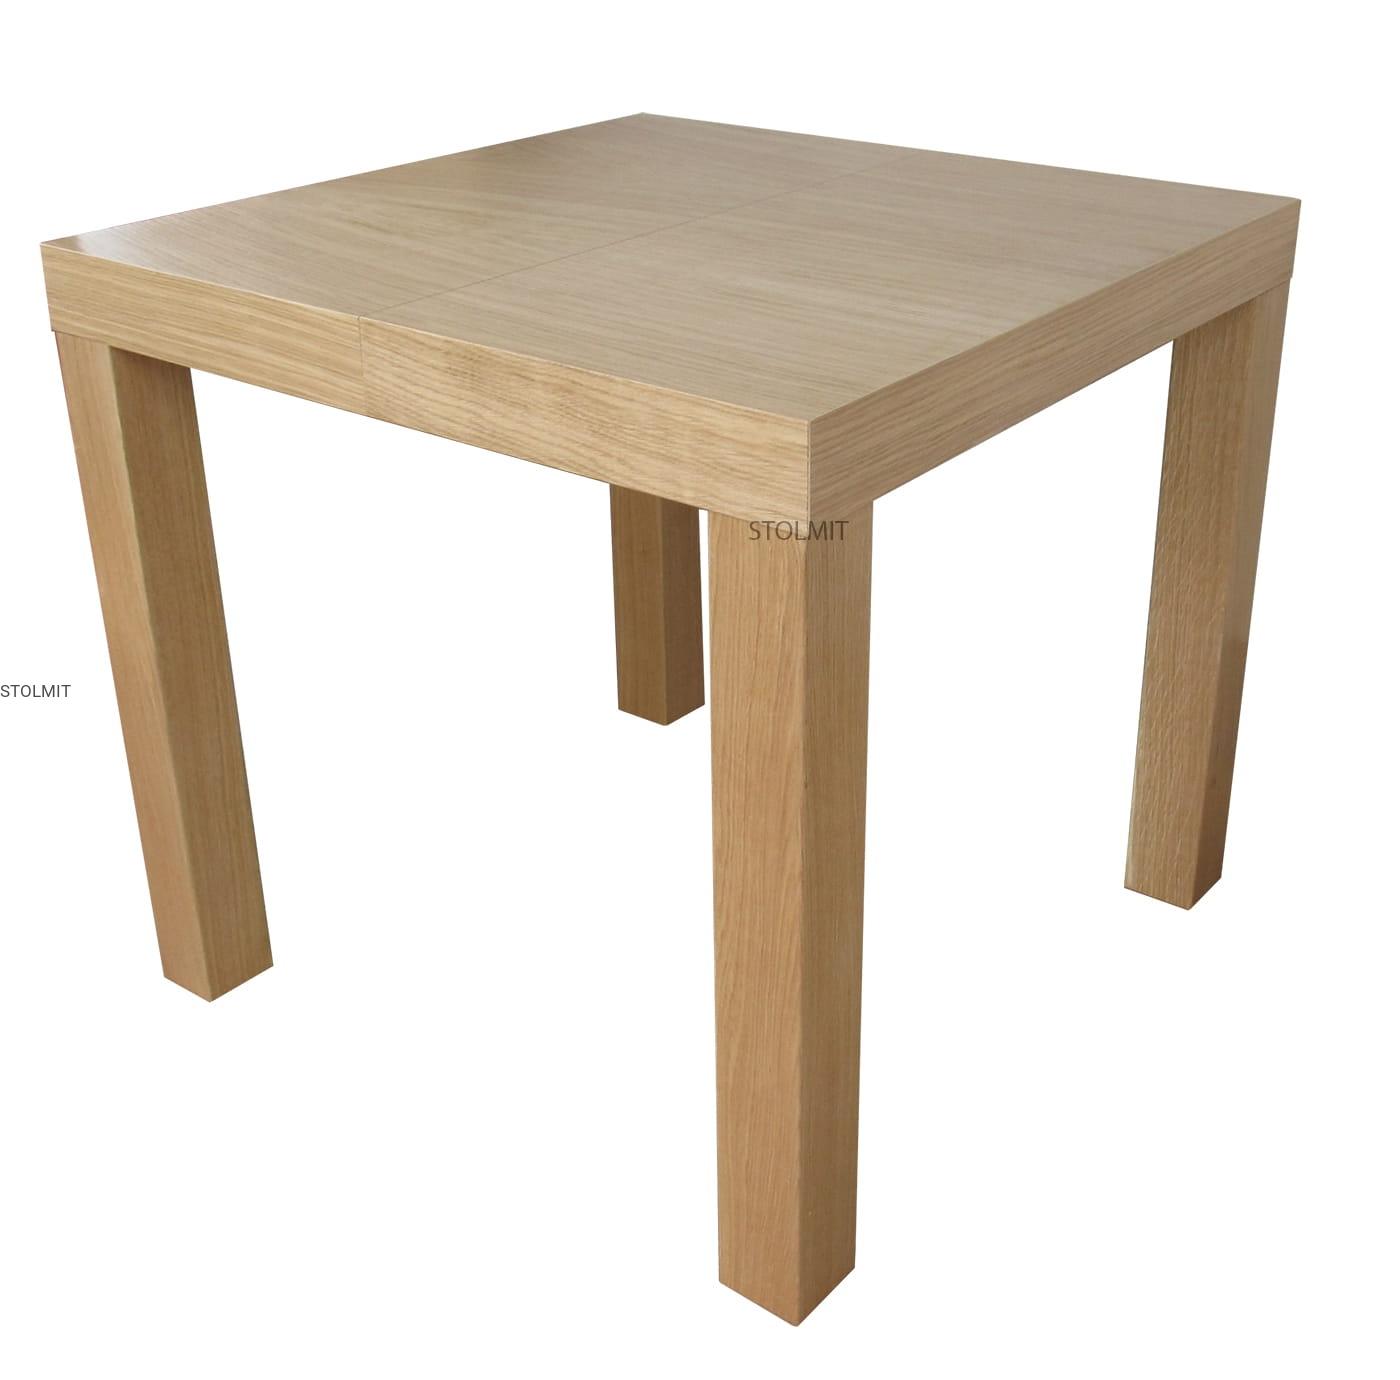 Stół Kwadratowy Cały Dębowy Wymiary Stolmitmeble